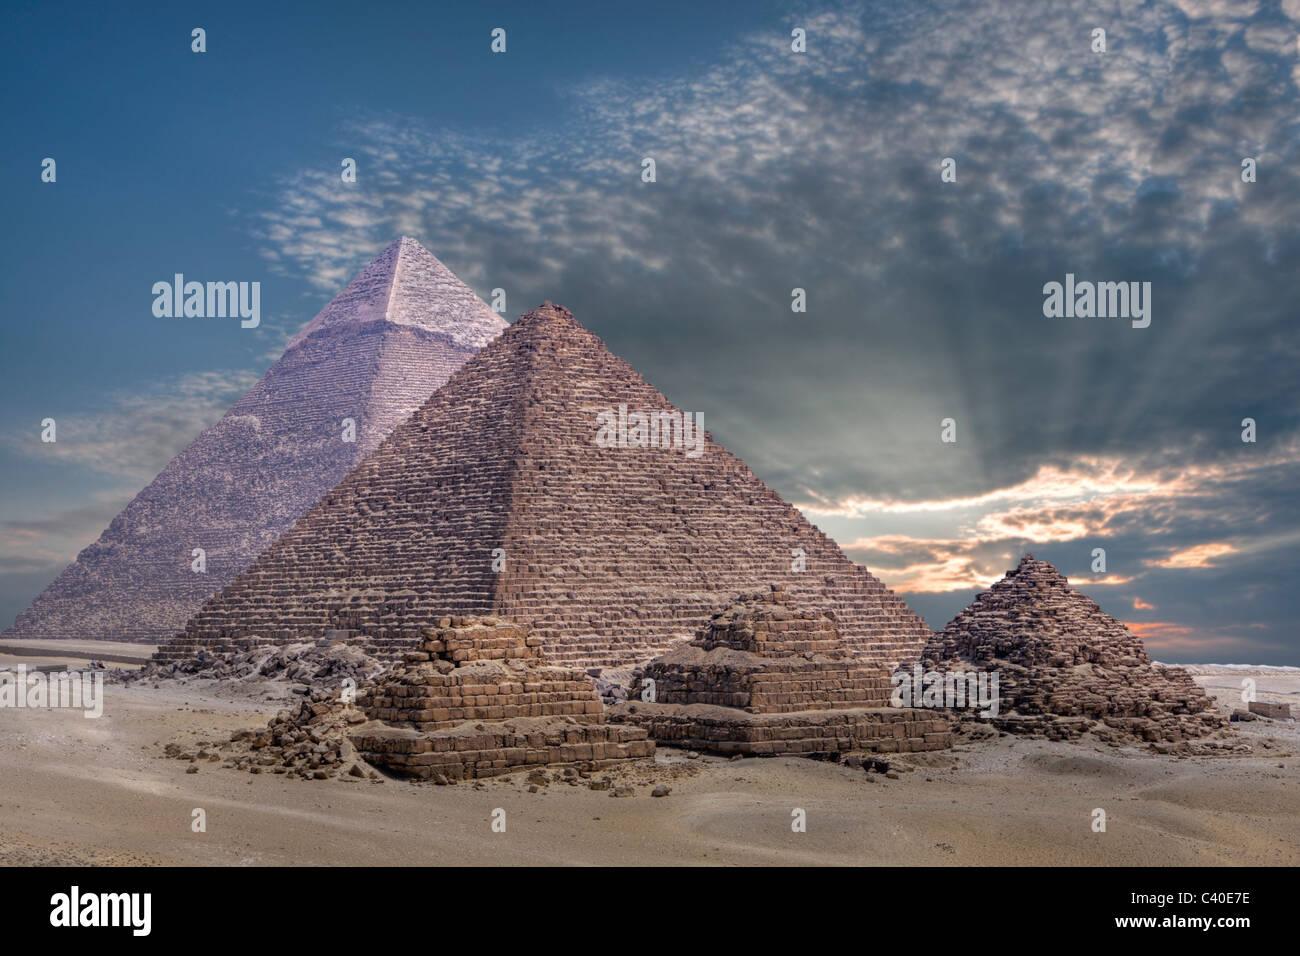 Piramidi di Giza, il Cairo, Egitto Immagini Stock